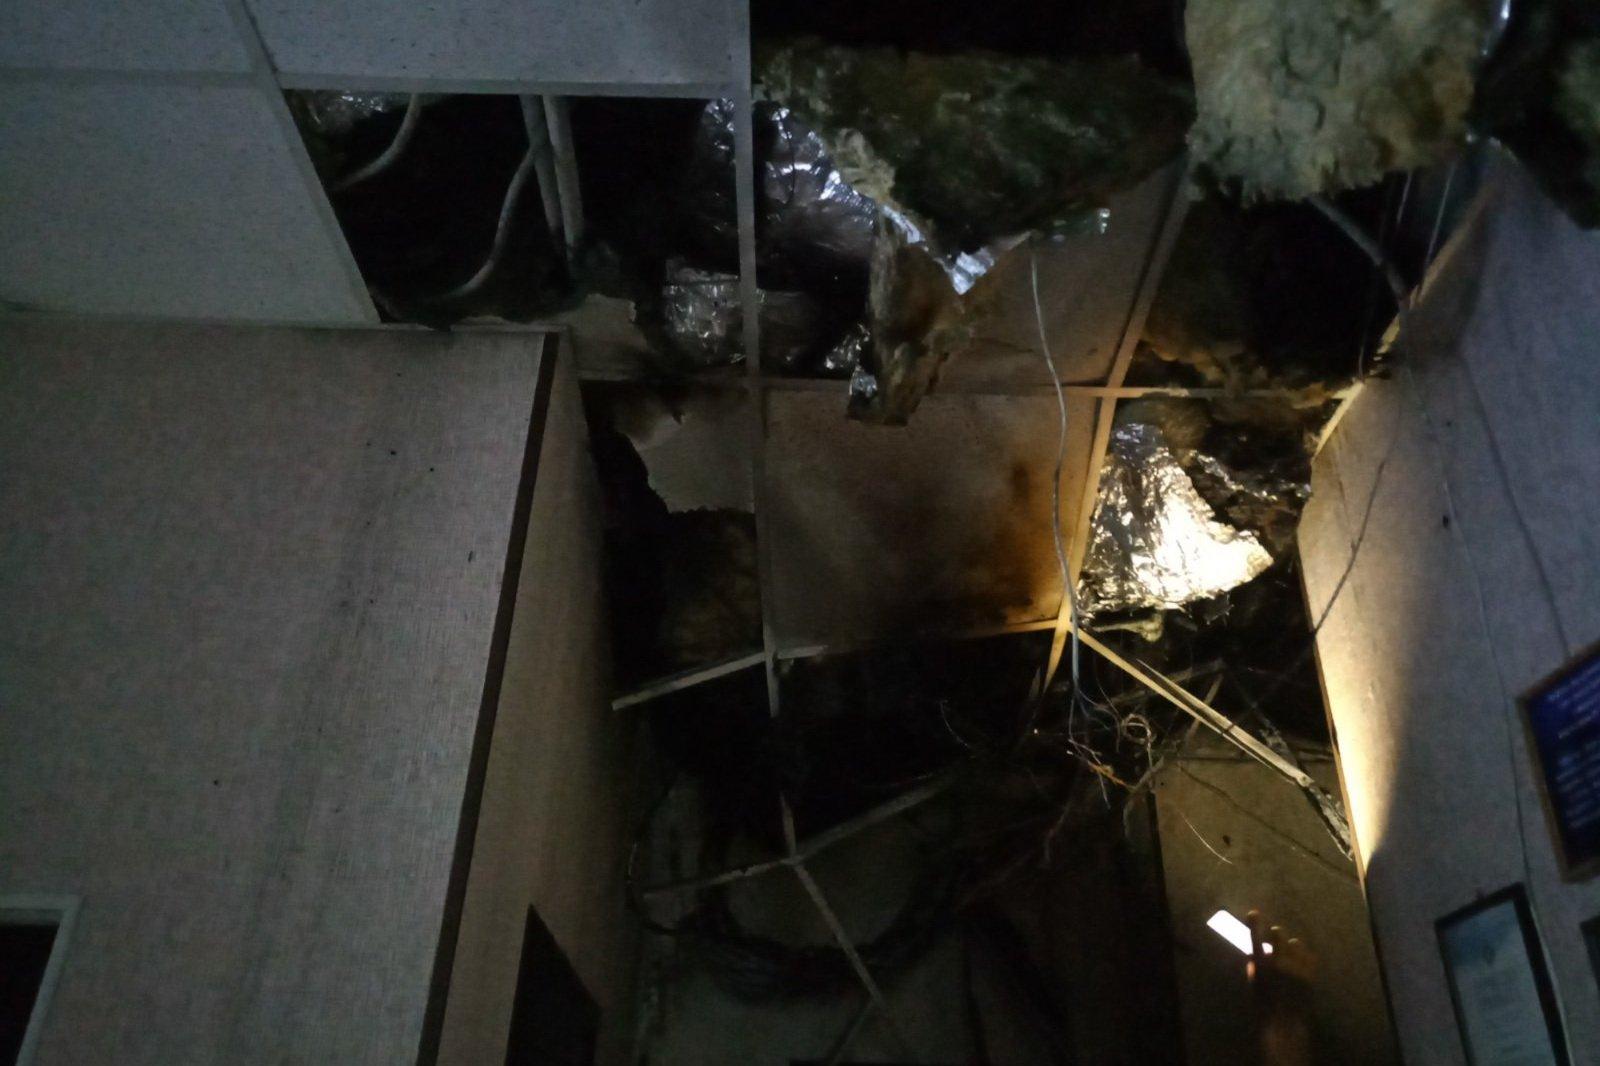 На Клочковской горело офисное здание (фото)